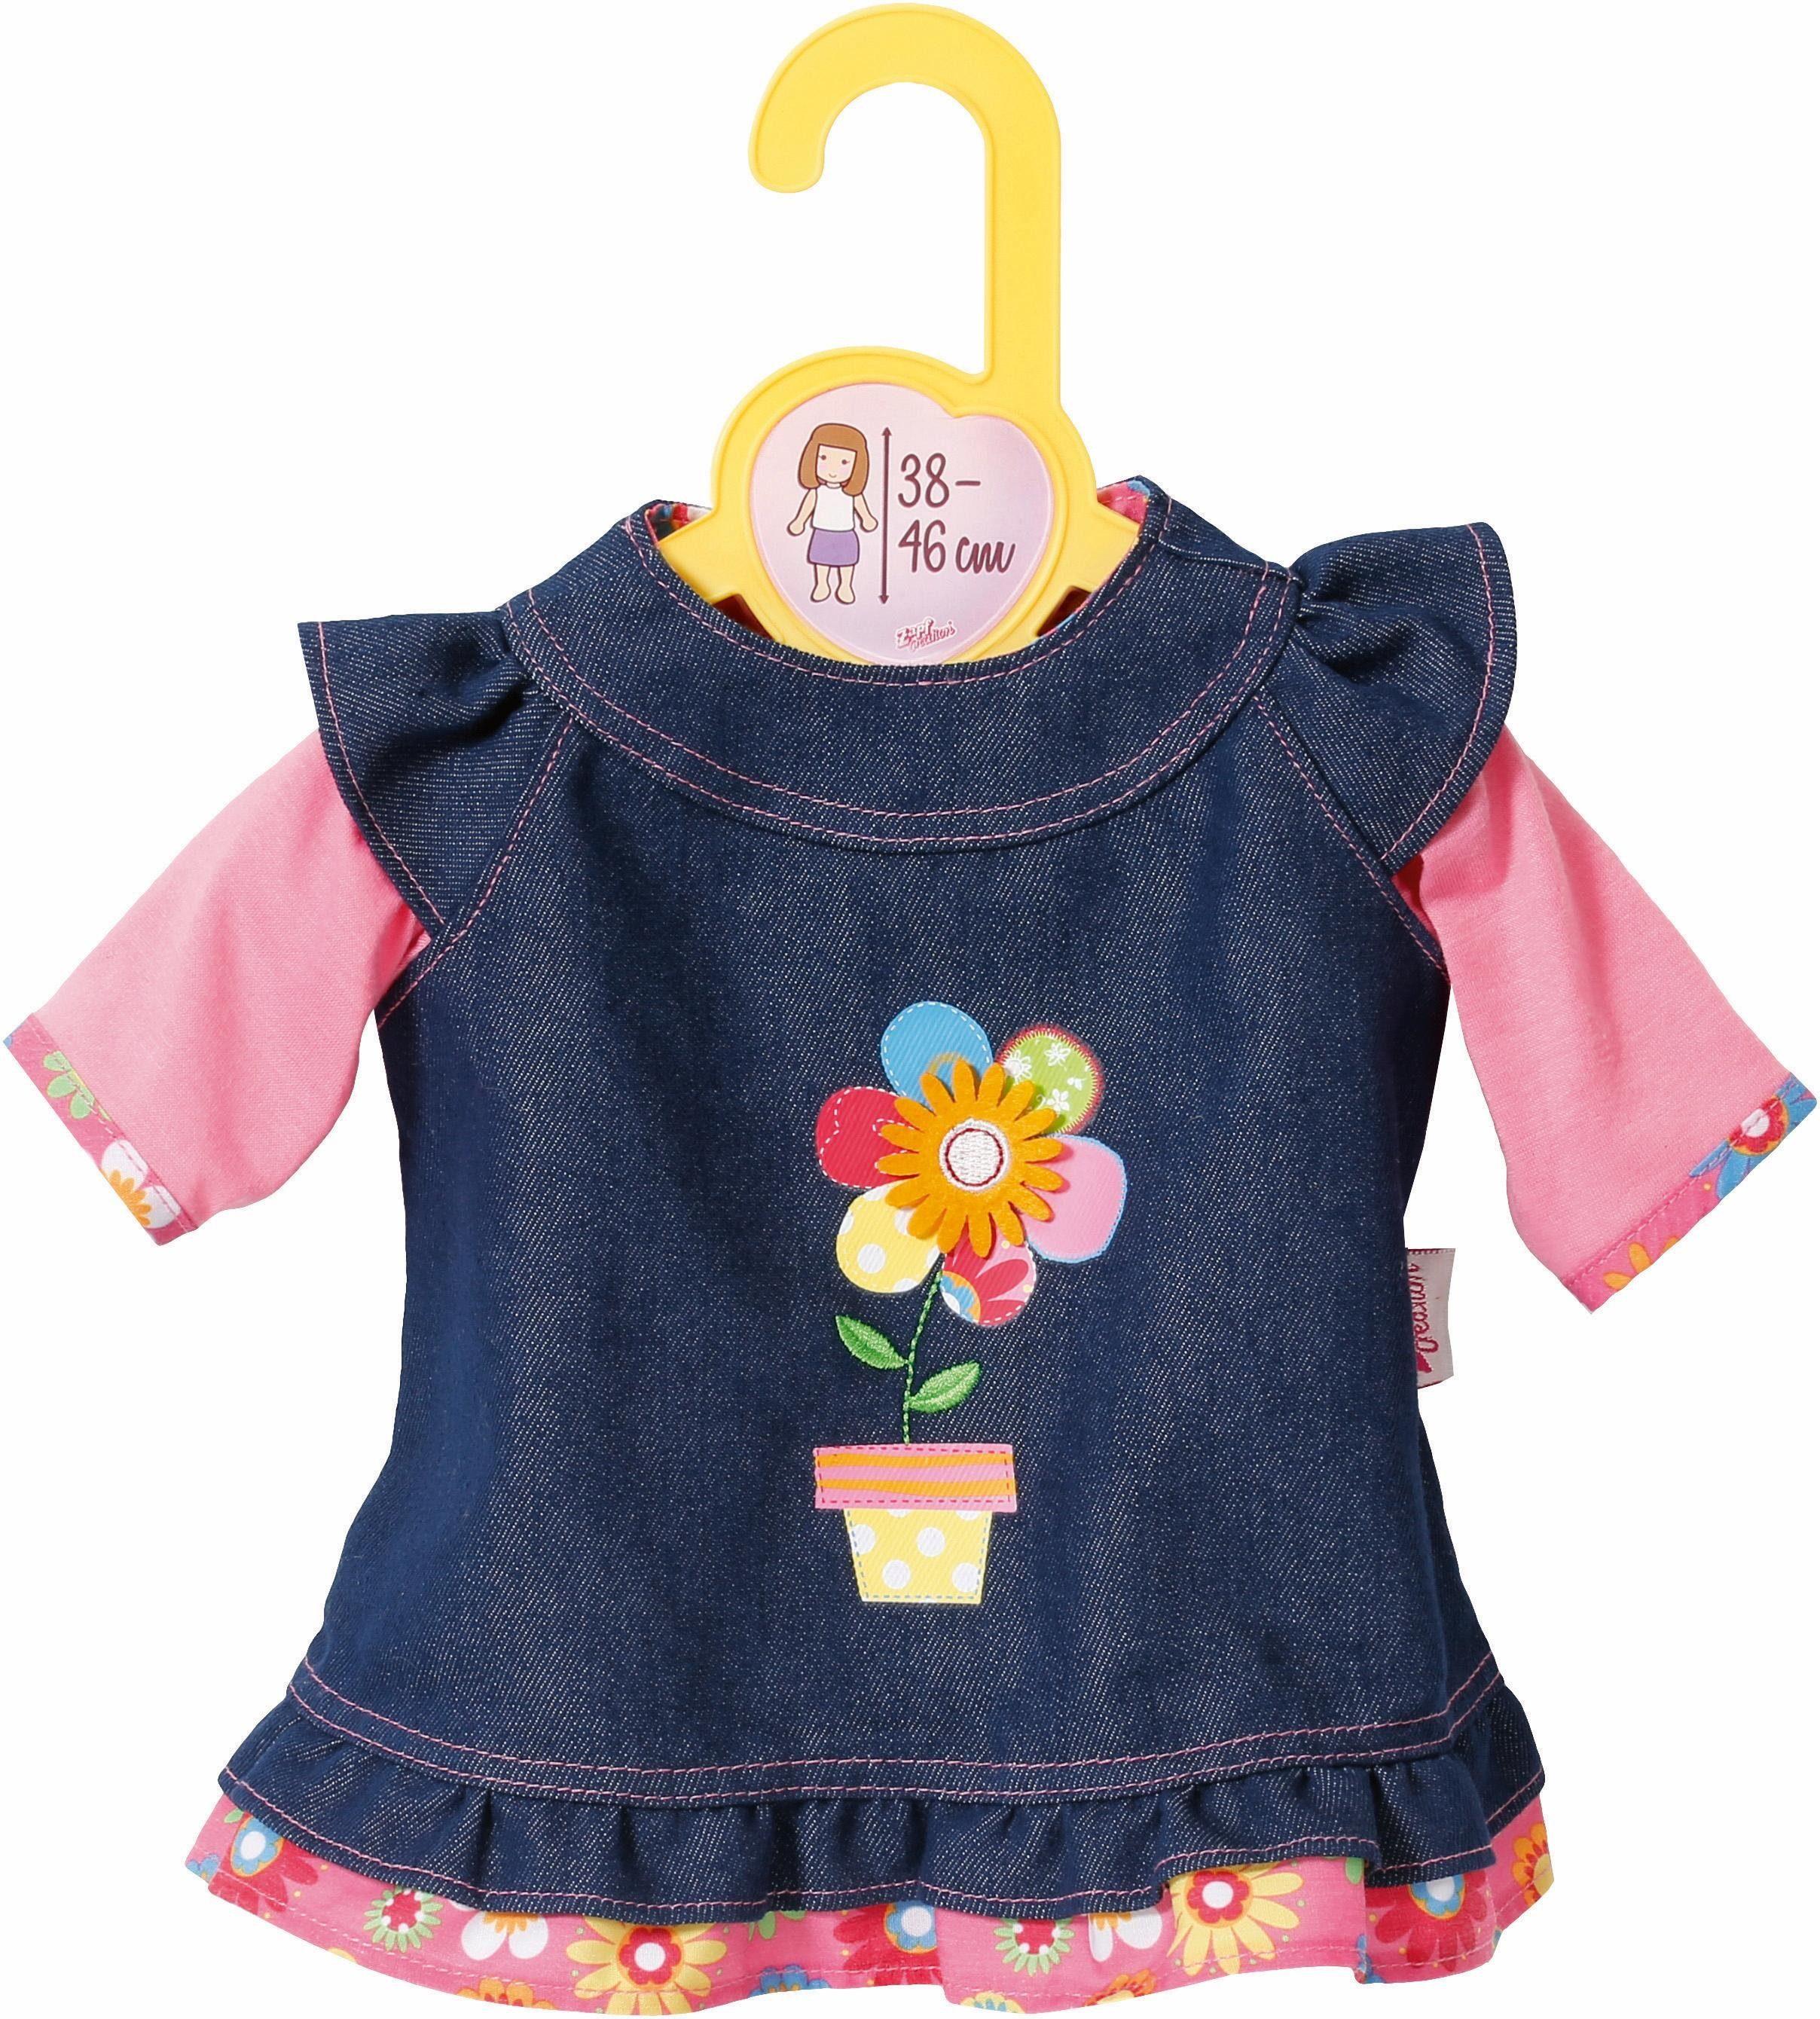 Zapf Creation Puppenbekleidung Größe 38-46 cm, »Dolly Moda Jeanskleid«